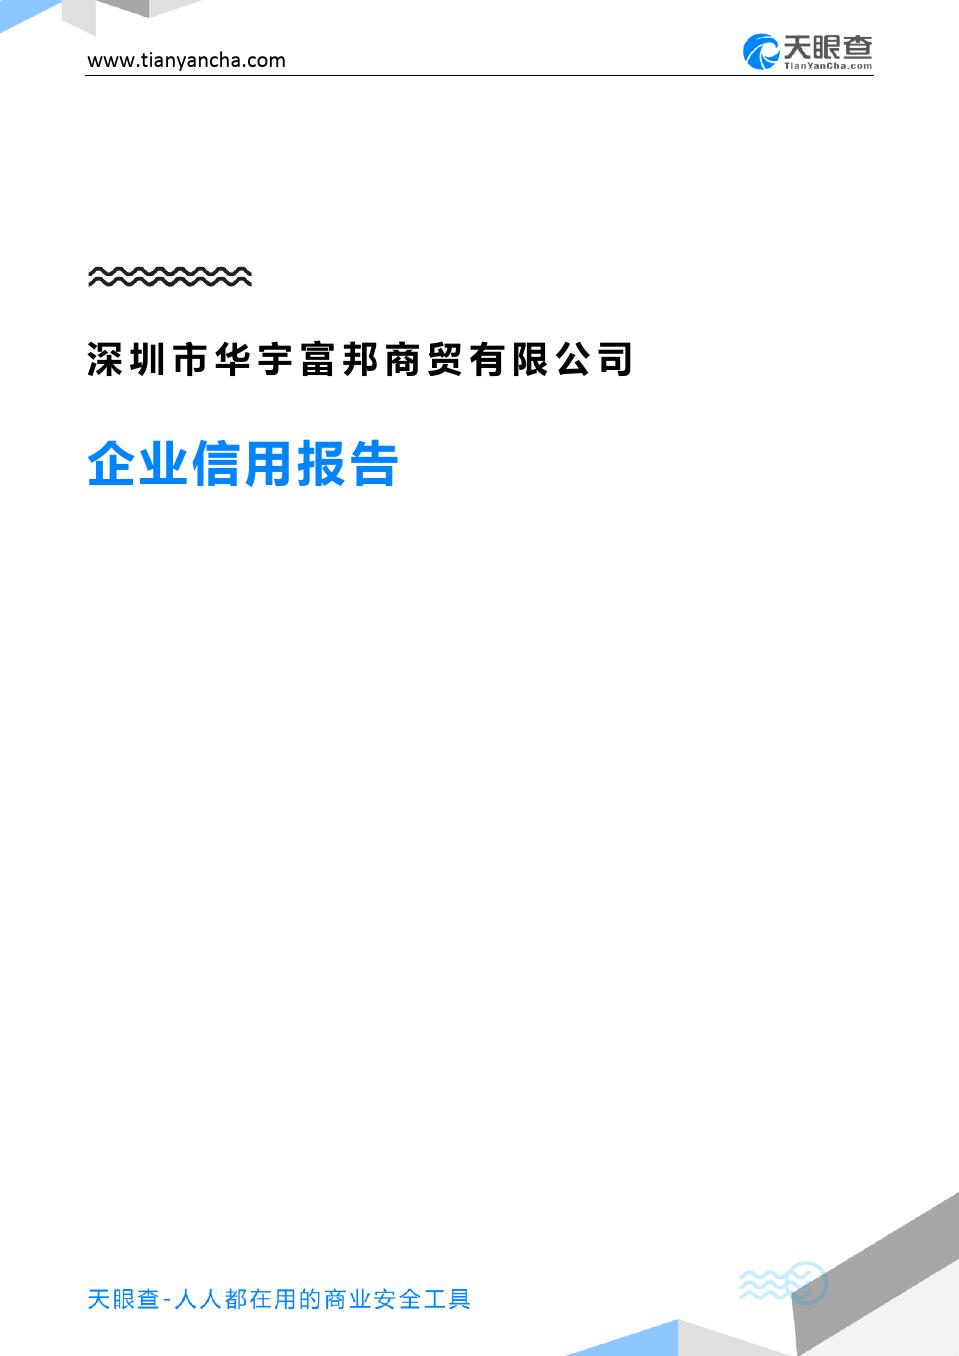 深圳市华宇富邦商贸有限公司(企业信用报告)- 天眼查